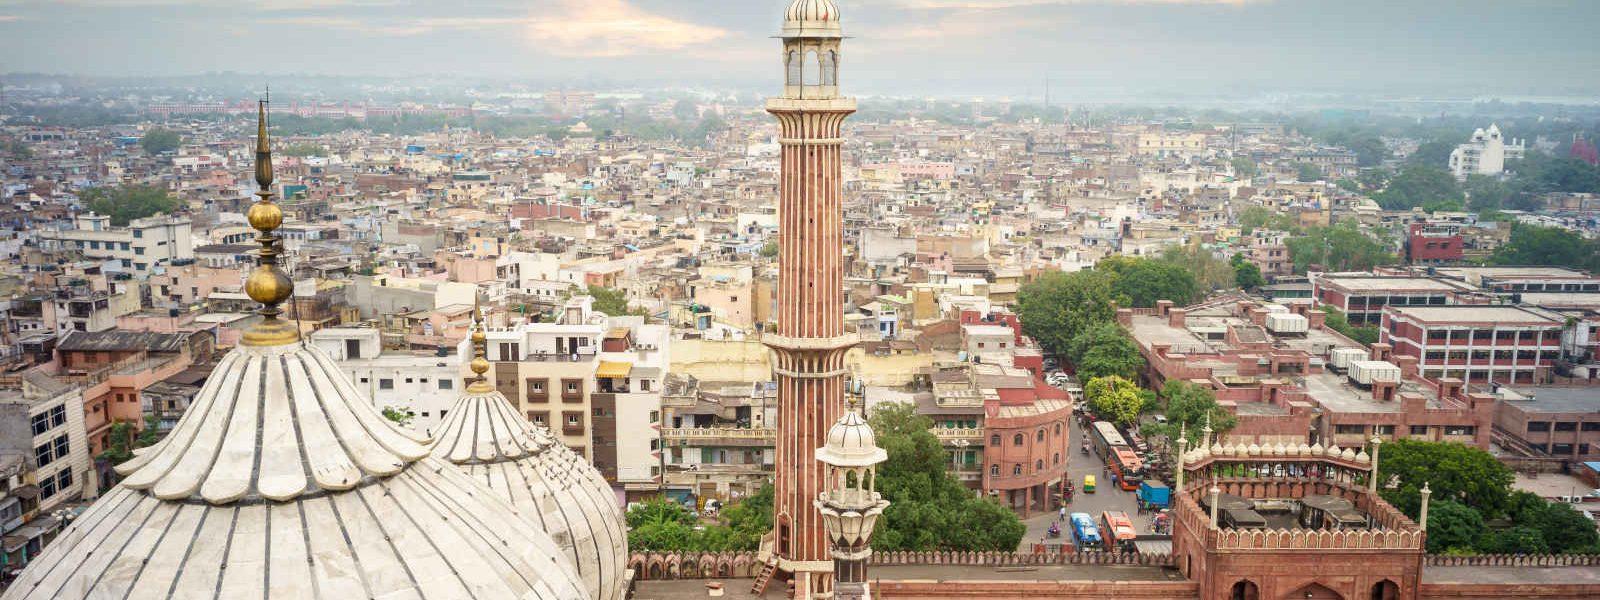 Vue aérienne, Jama Masjid, vieux Delhi, Inde